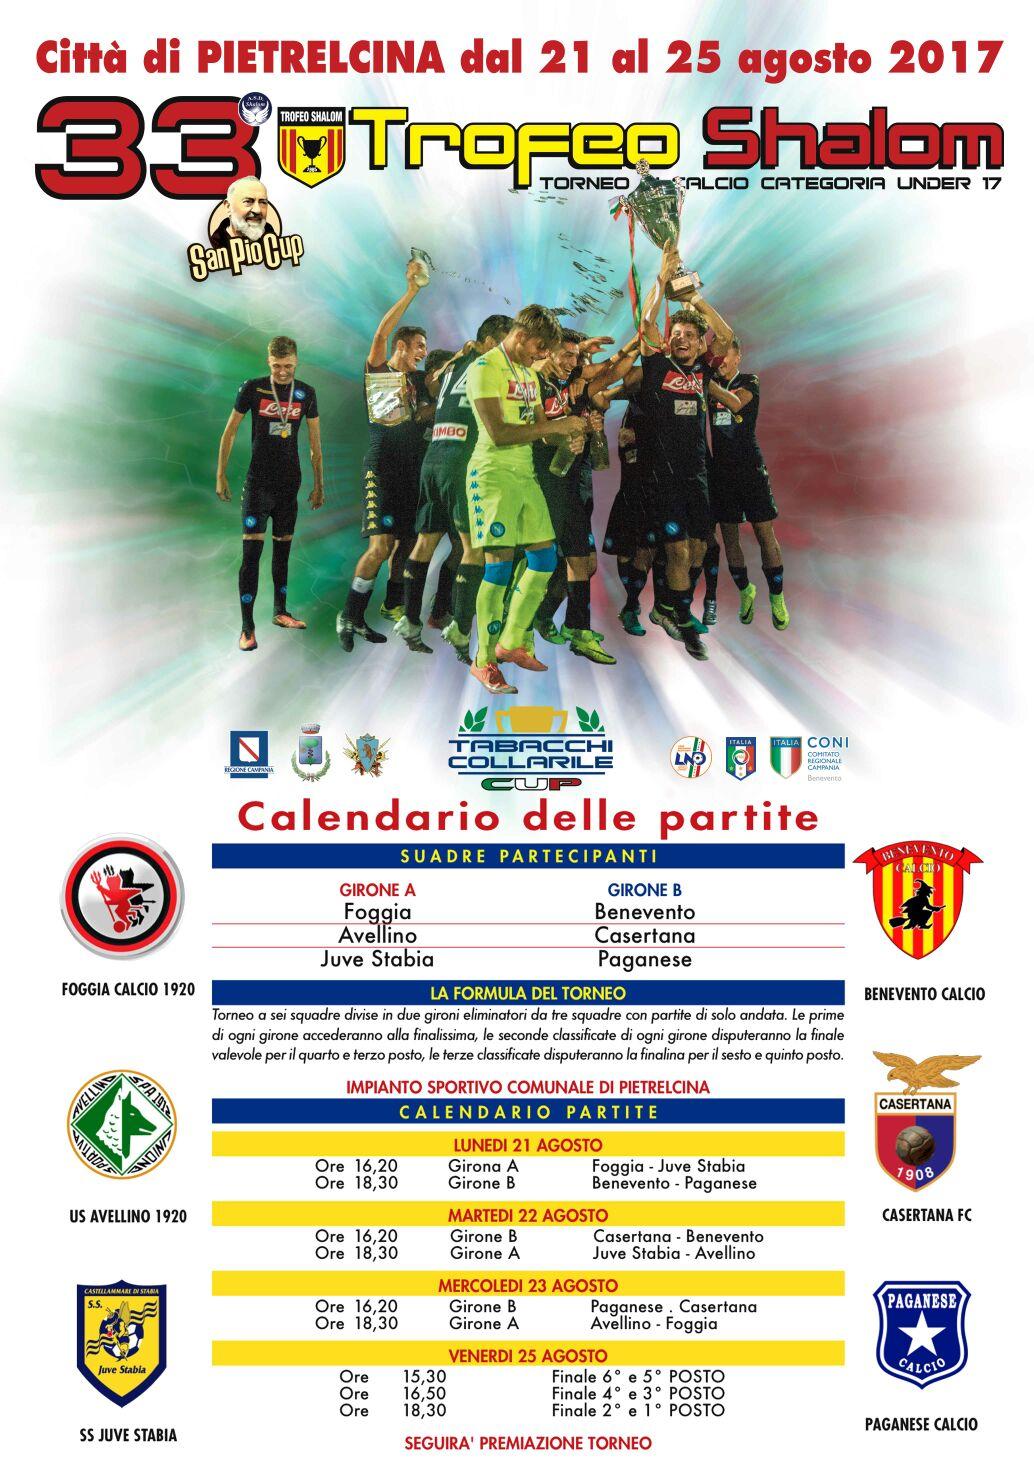 Calendario Sportivo.Presentato Il Calendario Del Trofeo Shalom A Pietrelcina